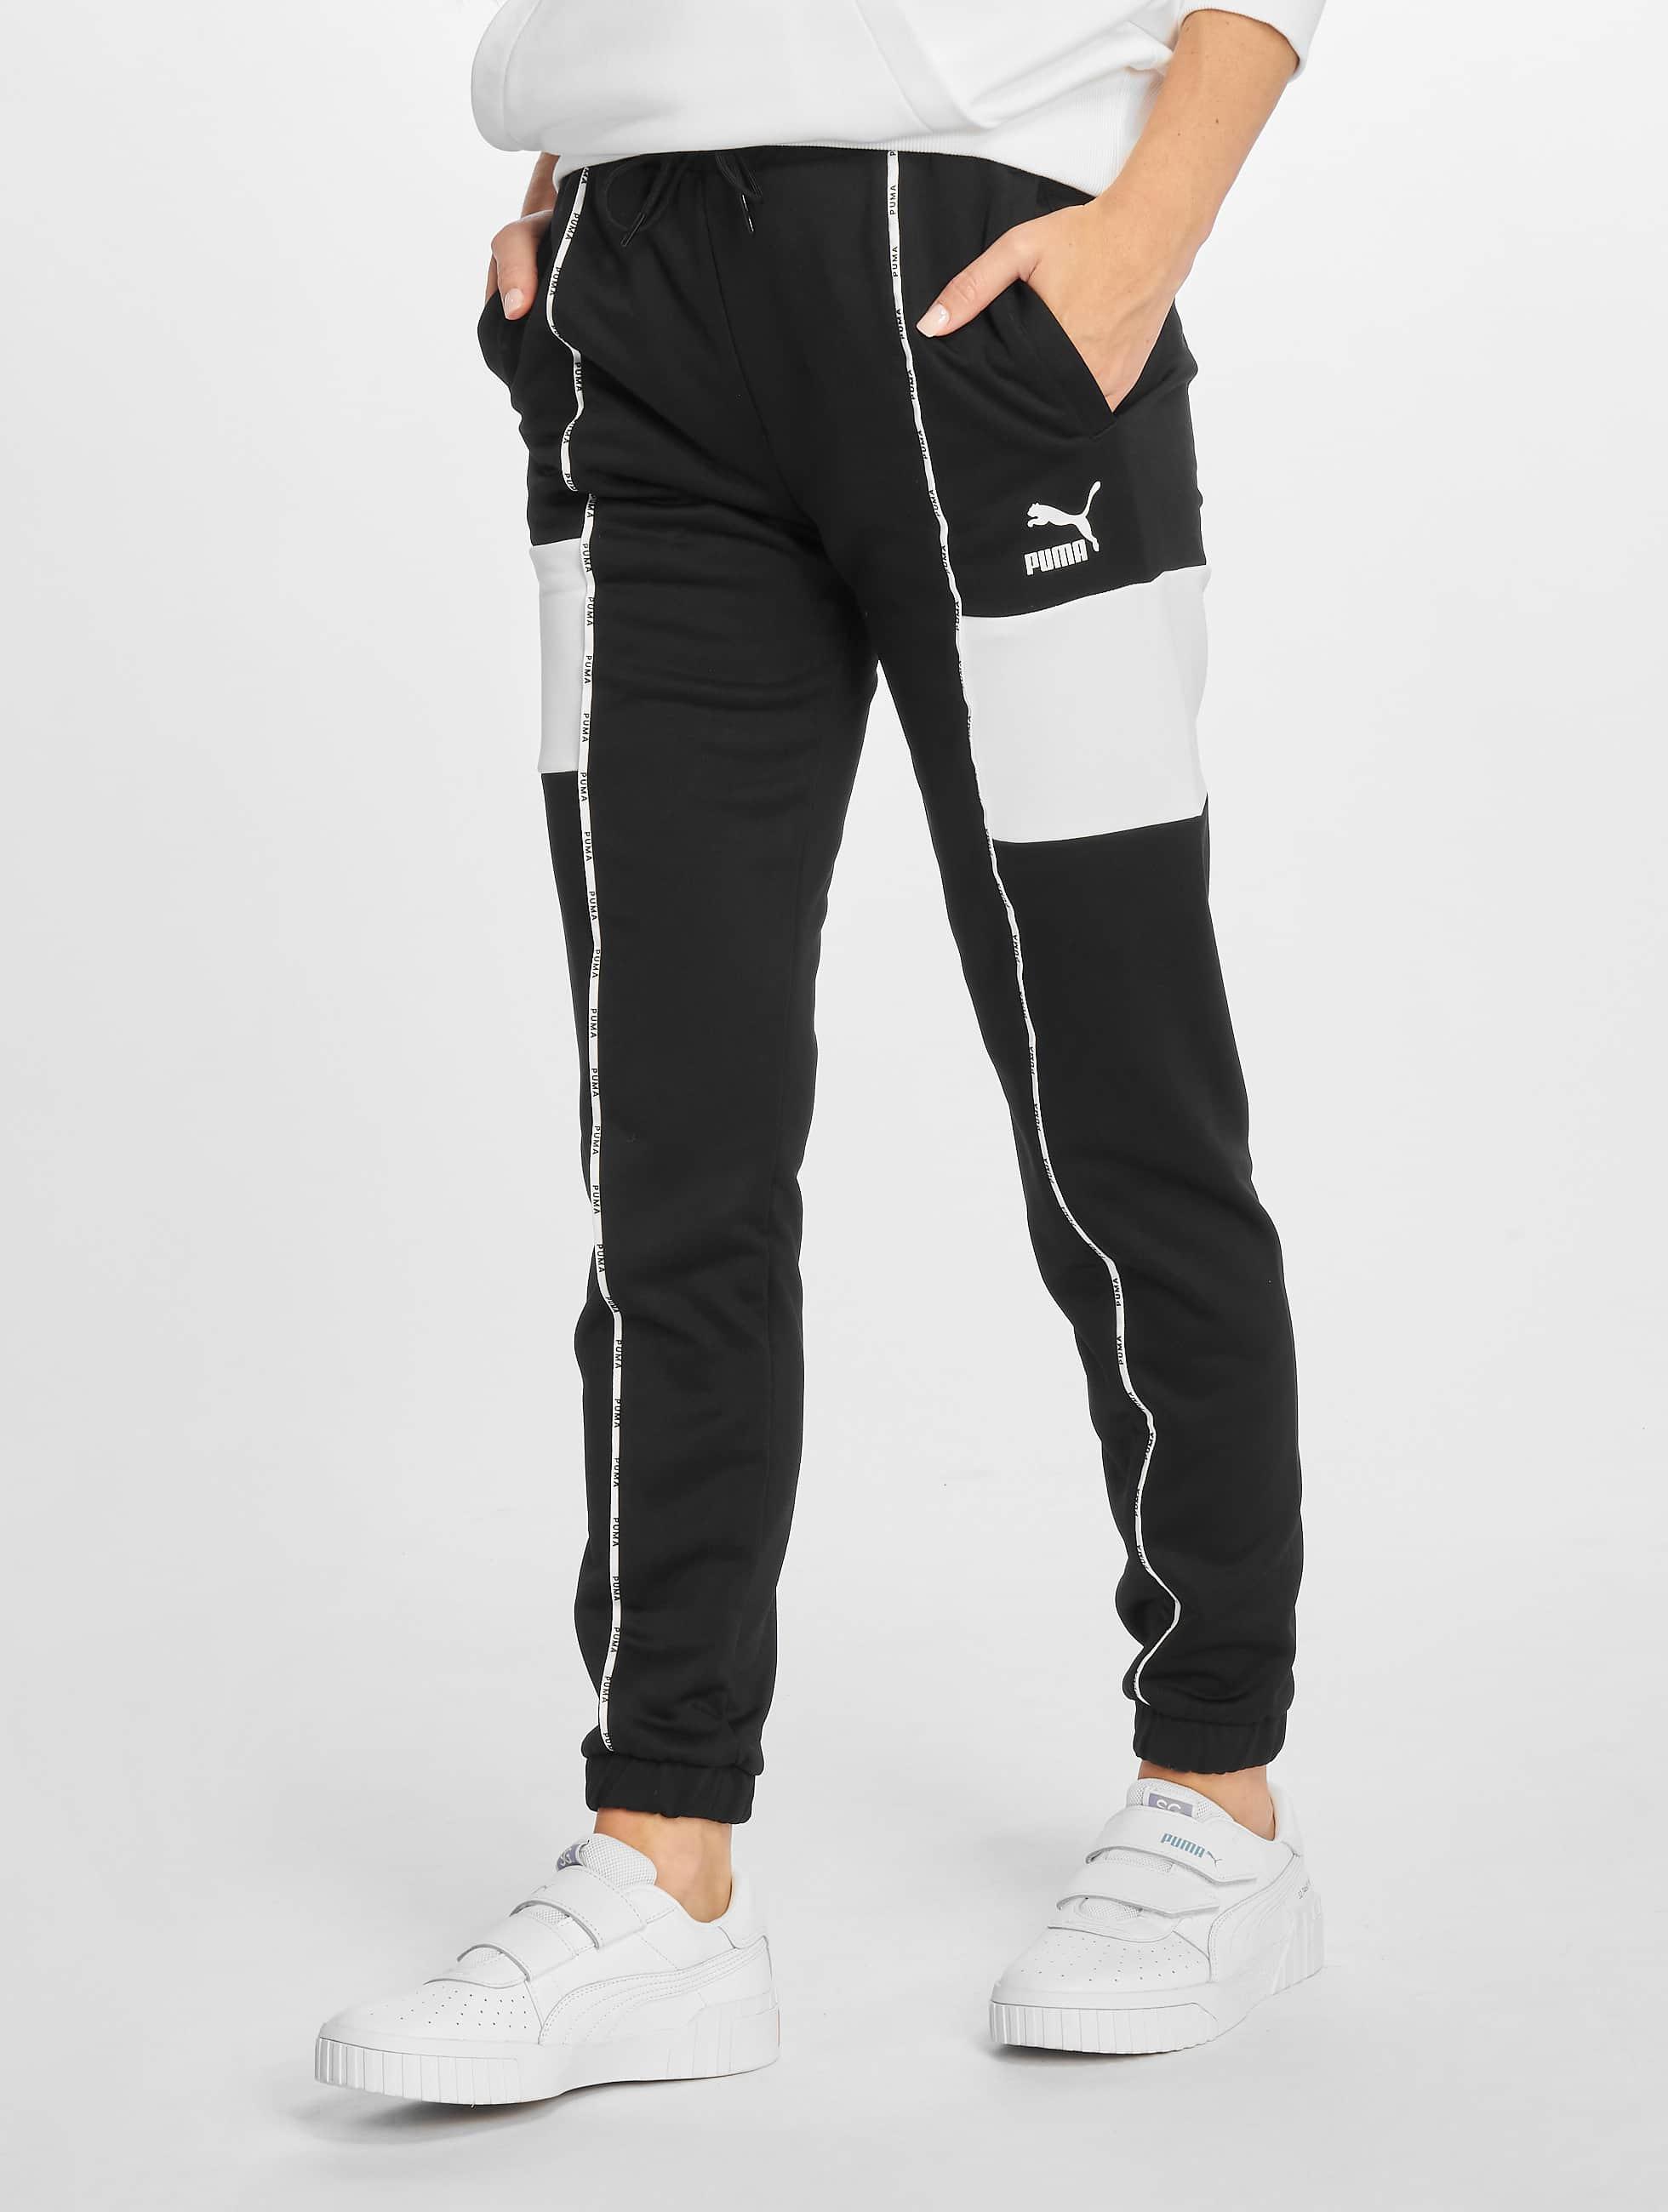 günstig 99851 0fe32 Puma Puma XTG Track Pants Puma Black